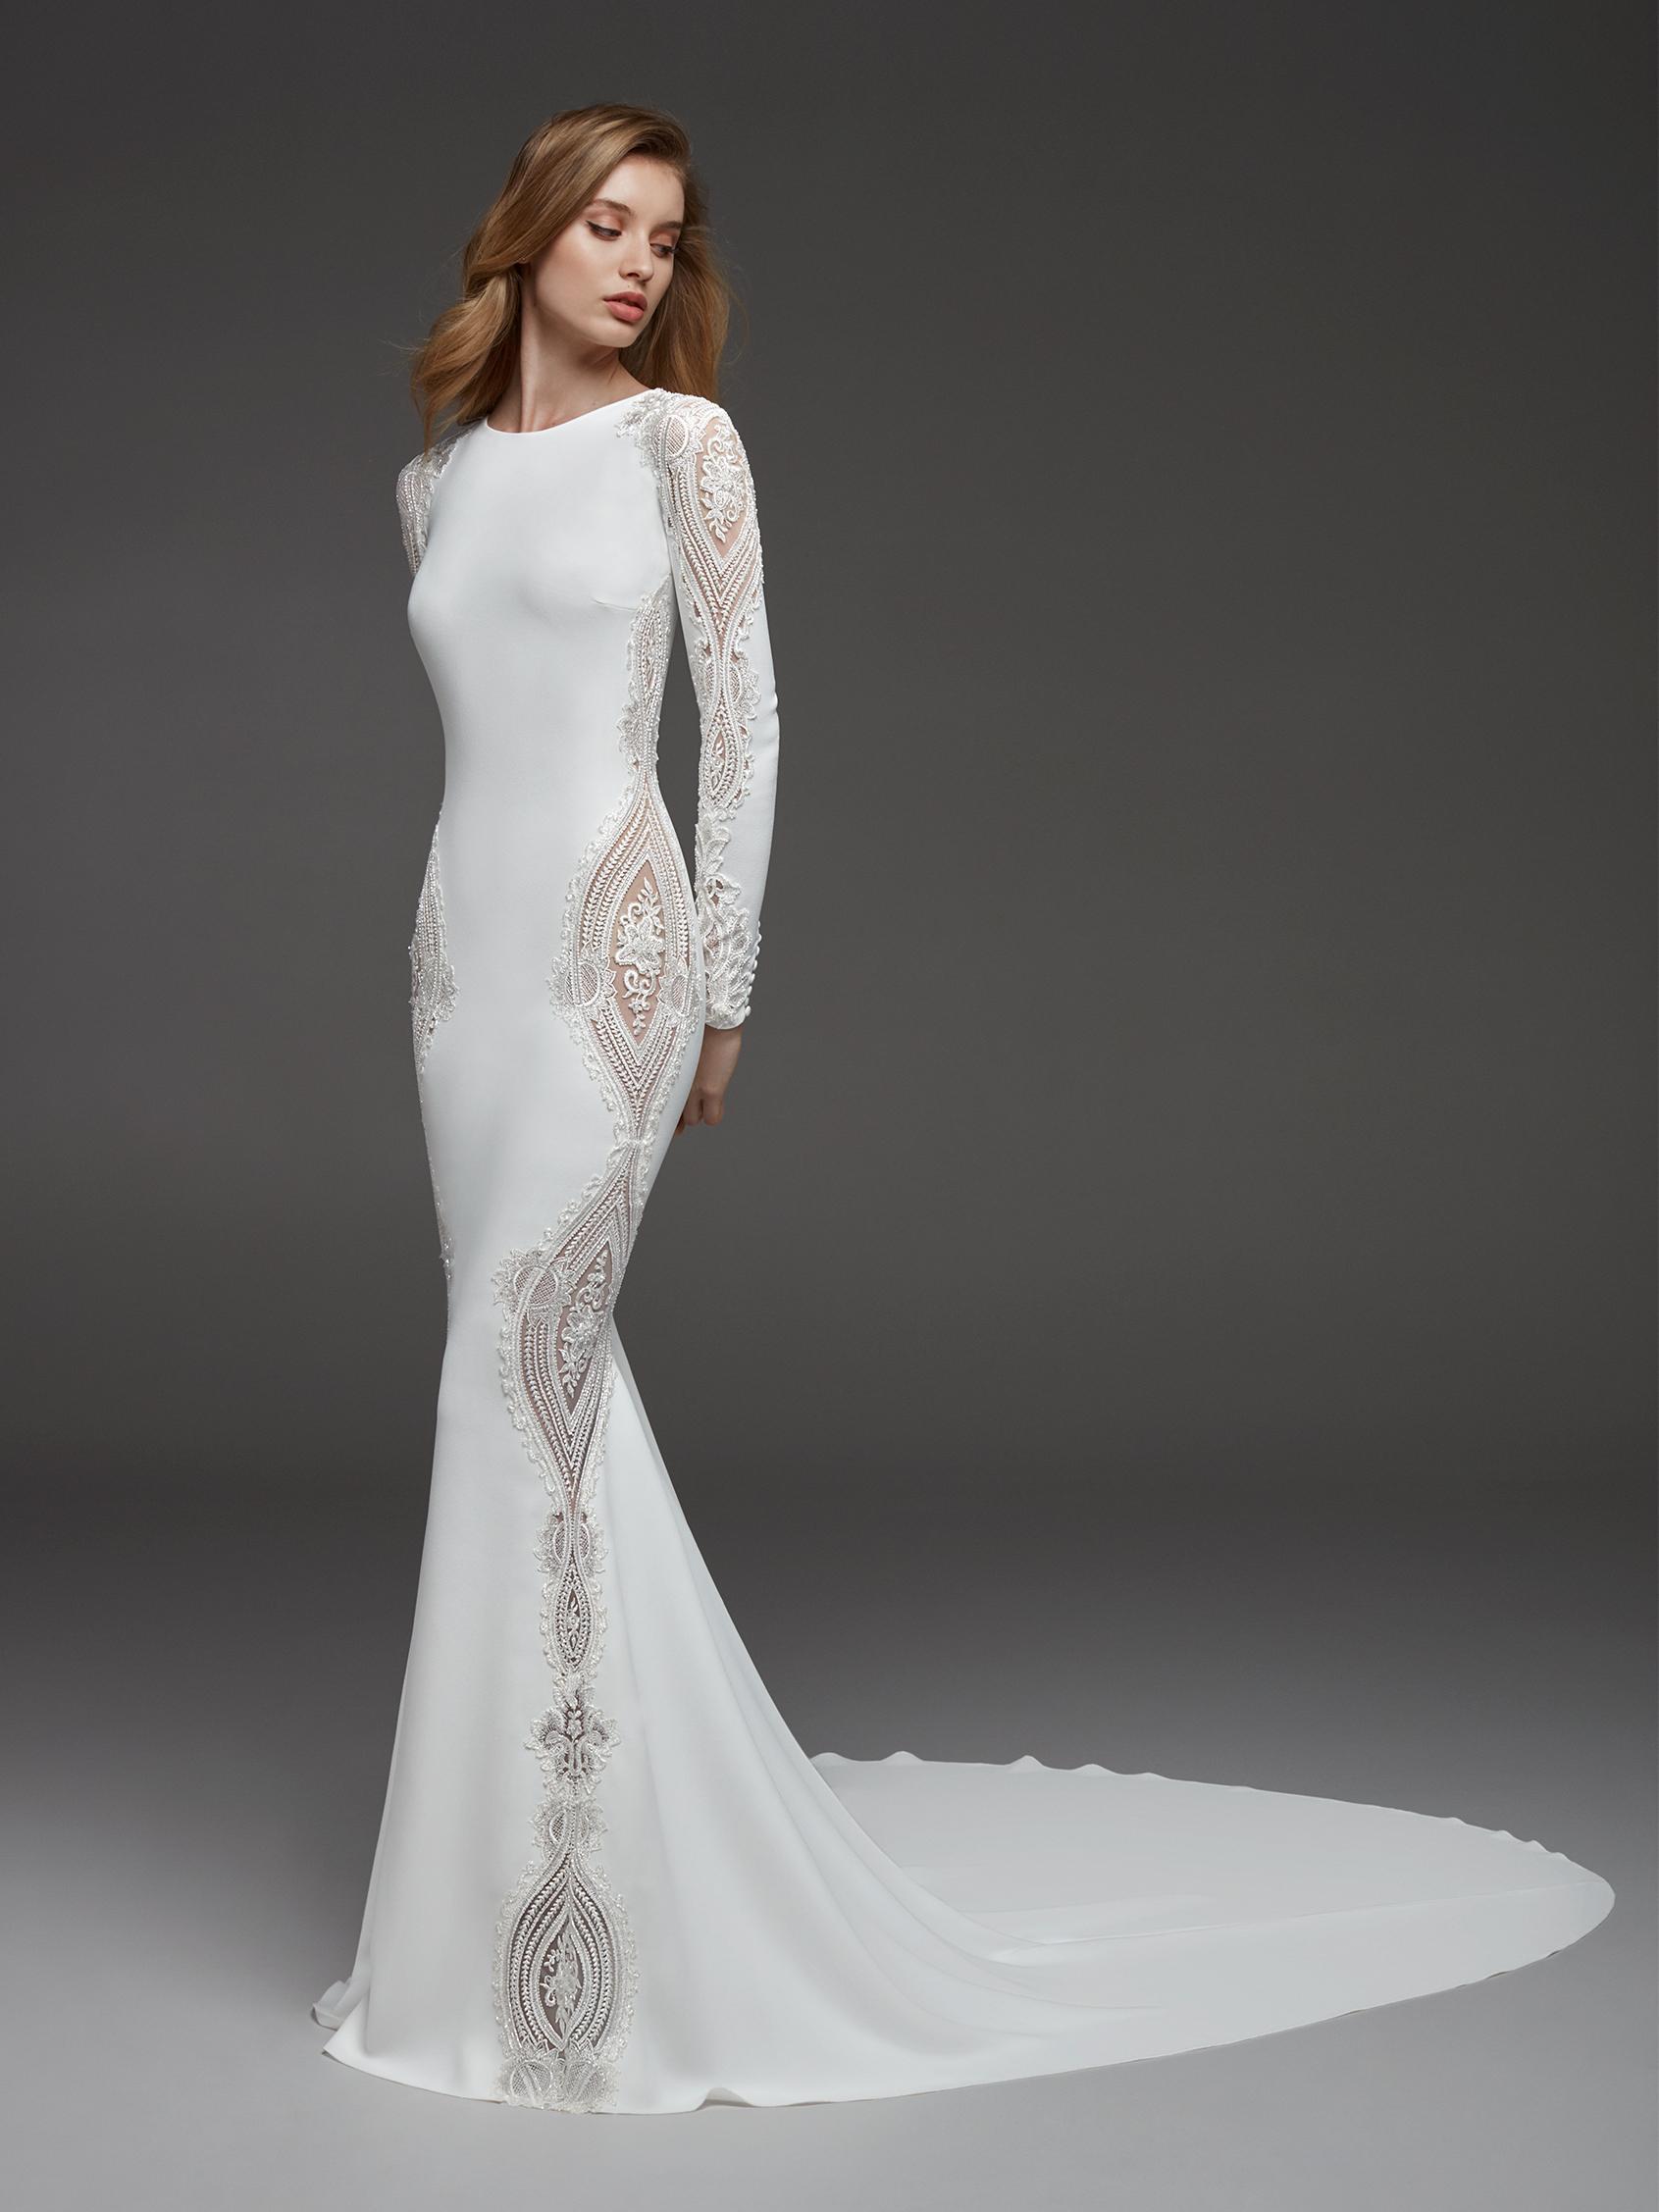 Long Sleeves Crepe Beaded Detailing Sheath Wedding Dress Kleinfeld